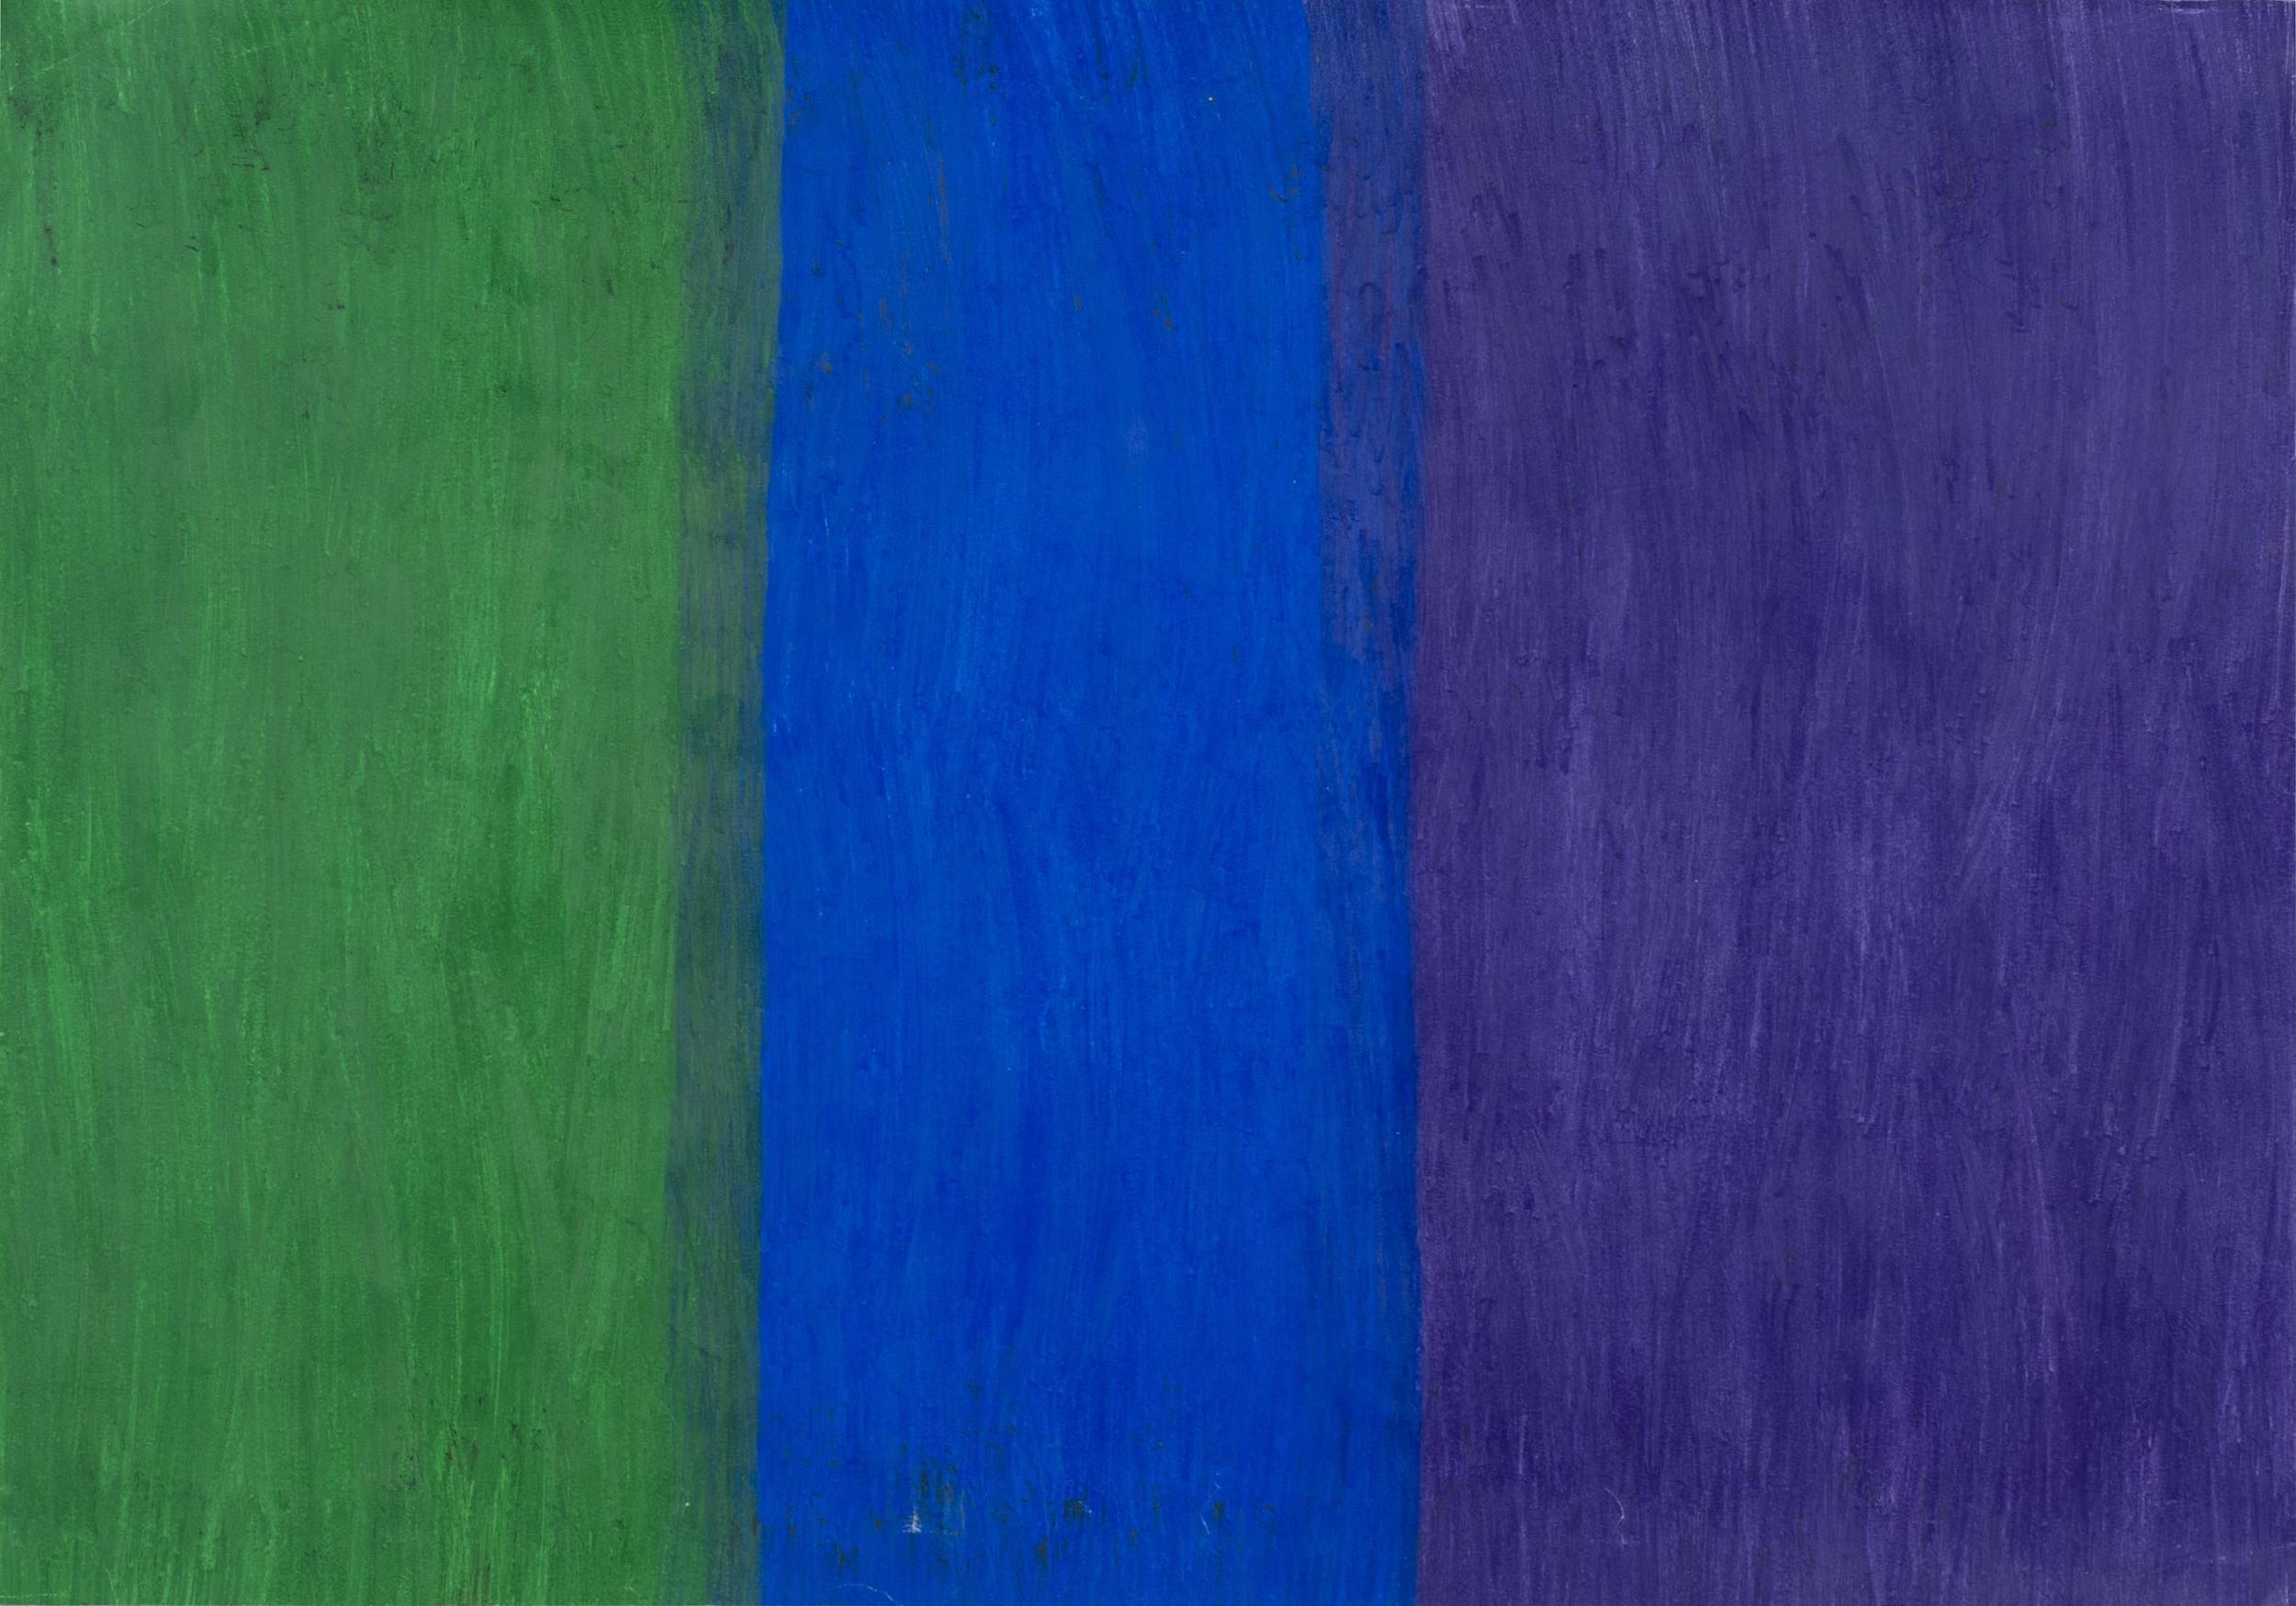 Hidetaka Kaji    Green, Blue and Purple  , 2011 Colored pencil, paper 15.35 x 21.26 inches / 39 x 54 cm / HKaj 3